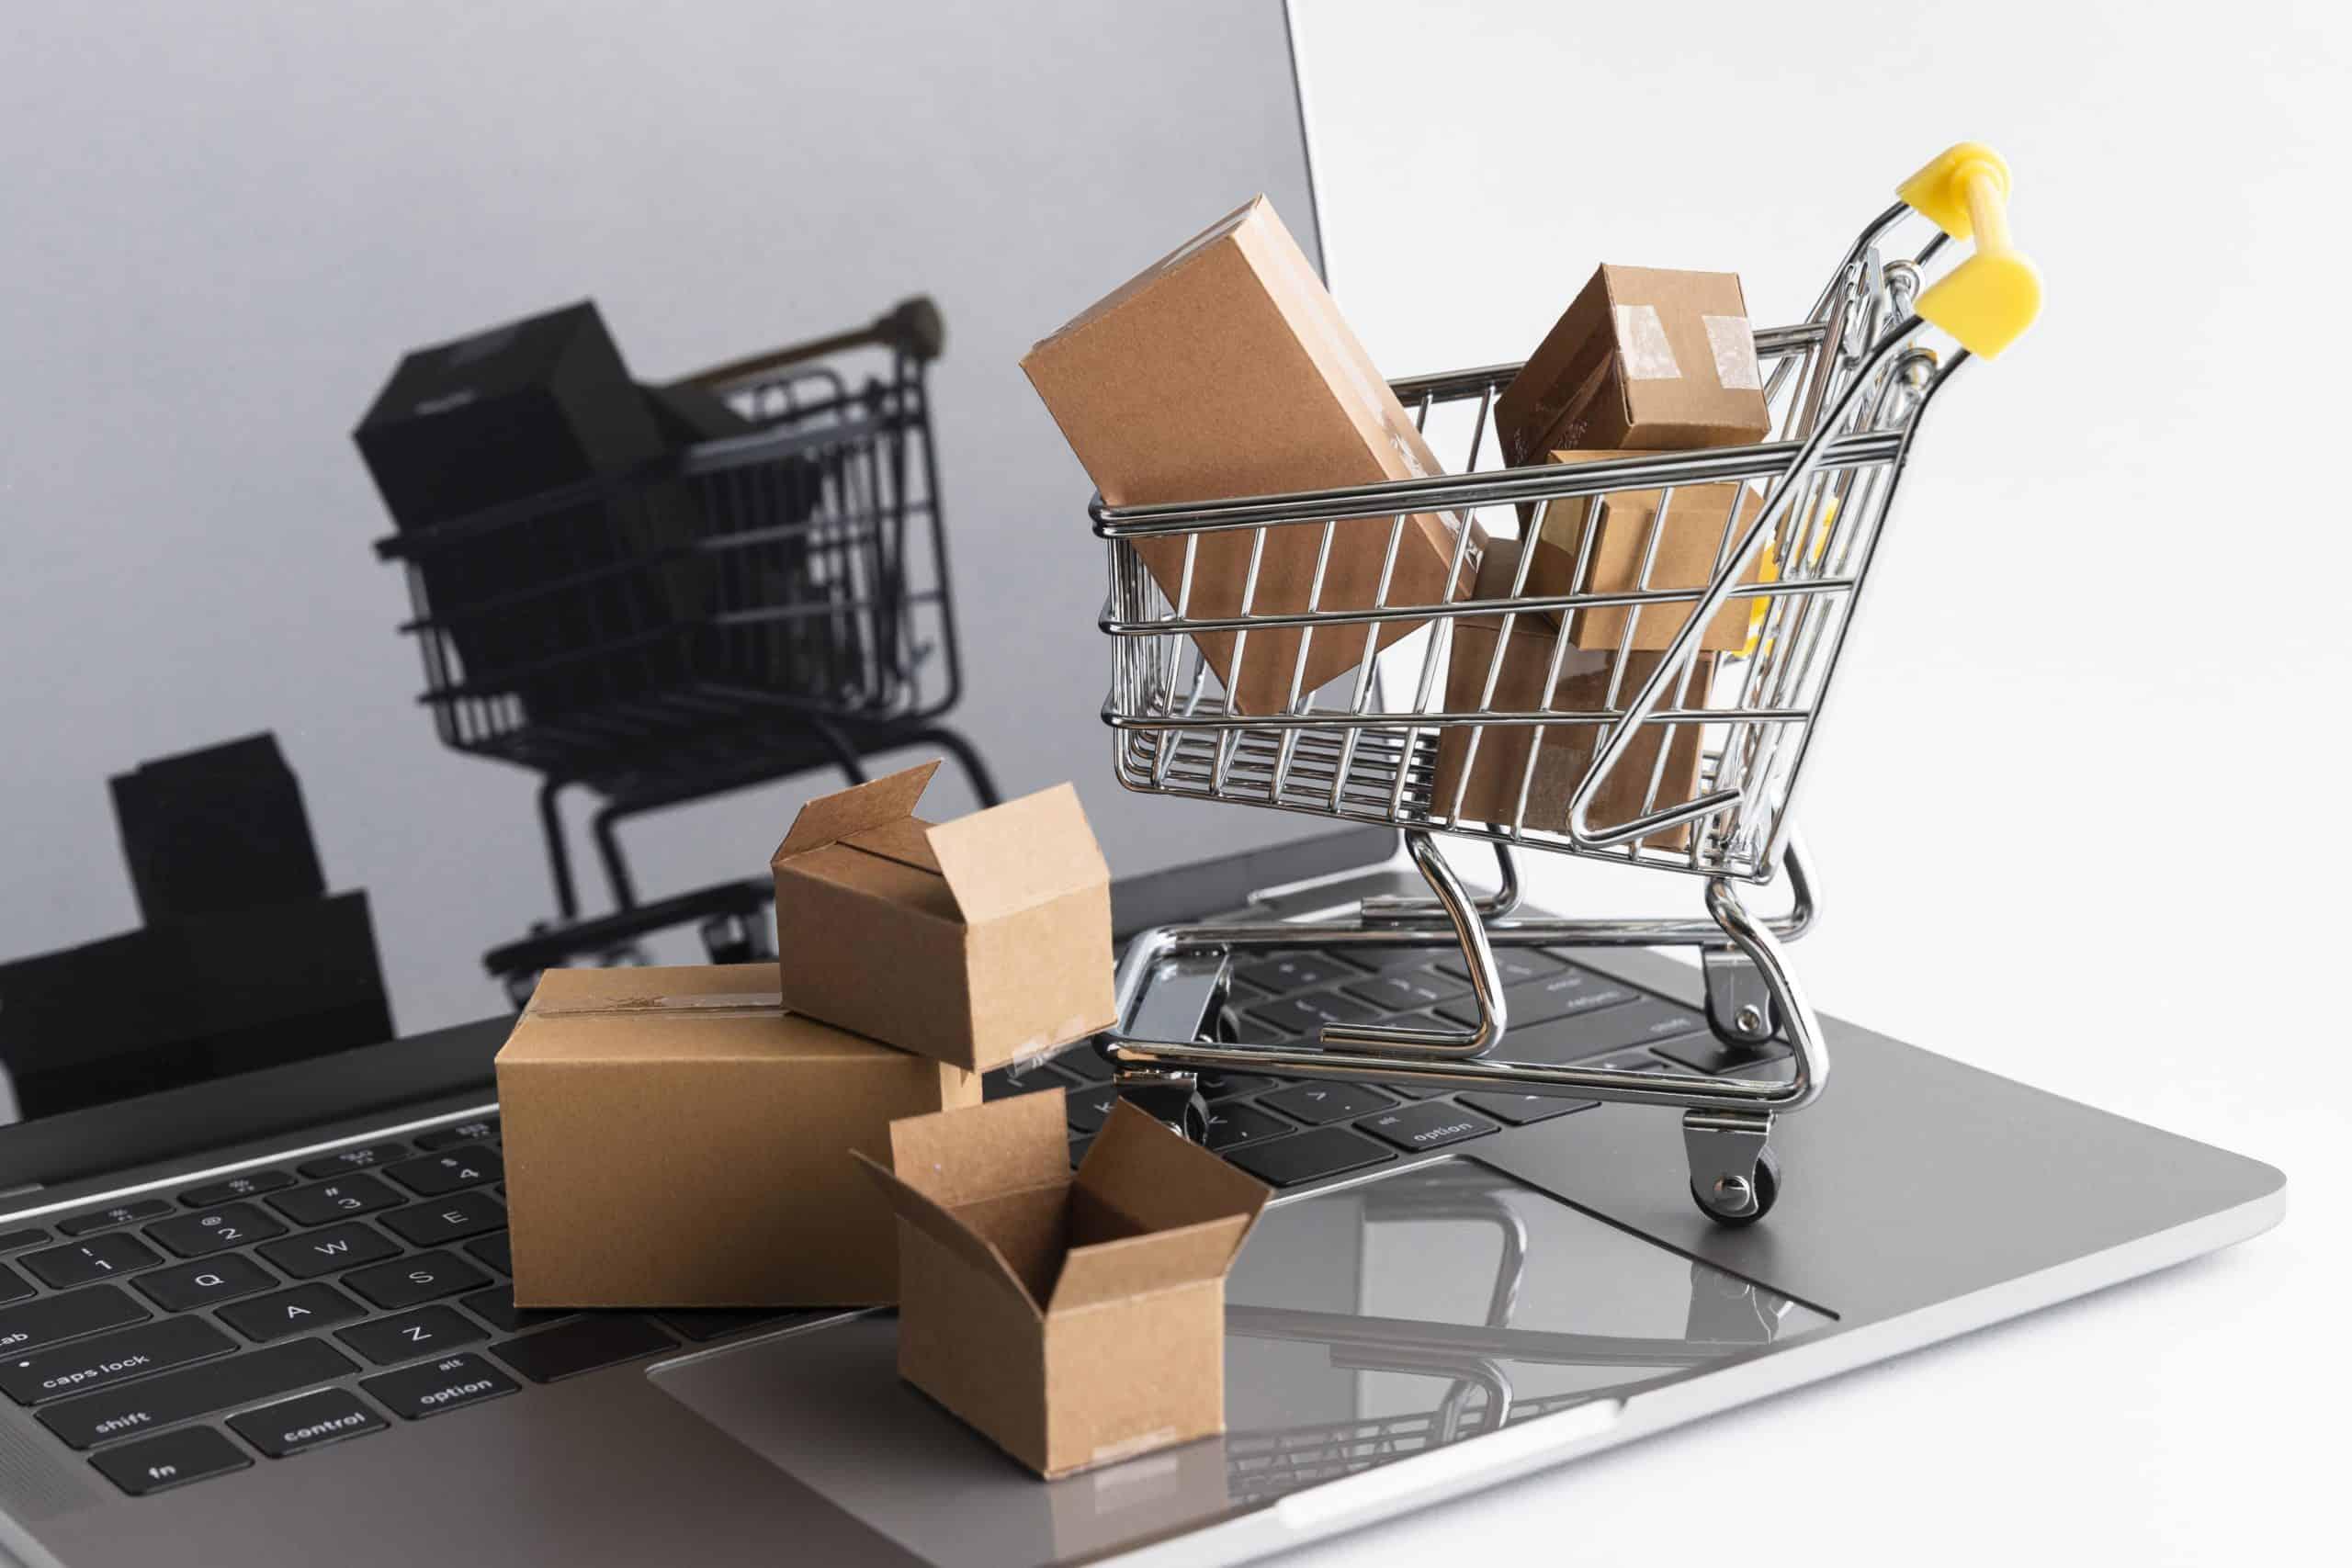 مفهوم المبيعات والفرق بين التسويق والمبيعات